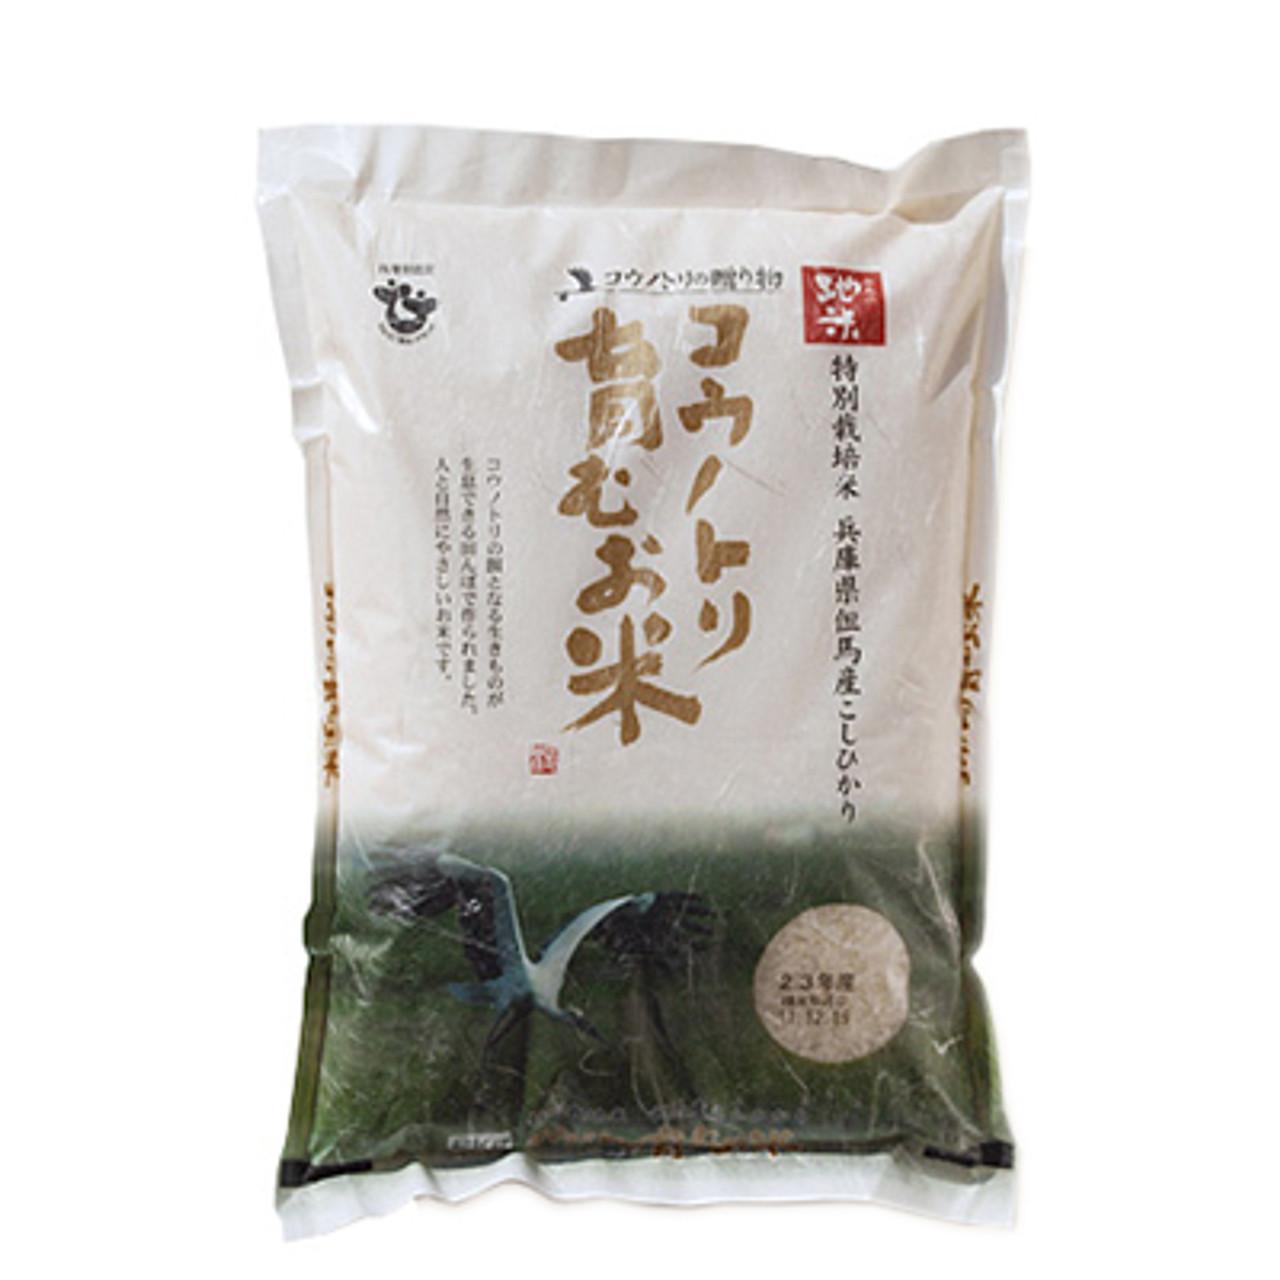 Organic Kounotori Koshihikari Japanese Short Grain White Rice